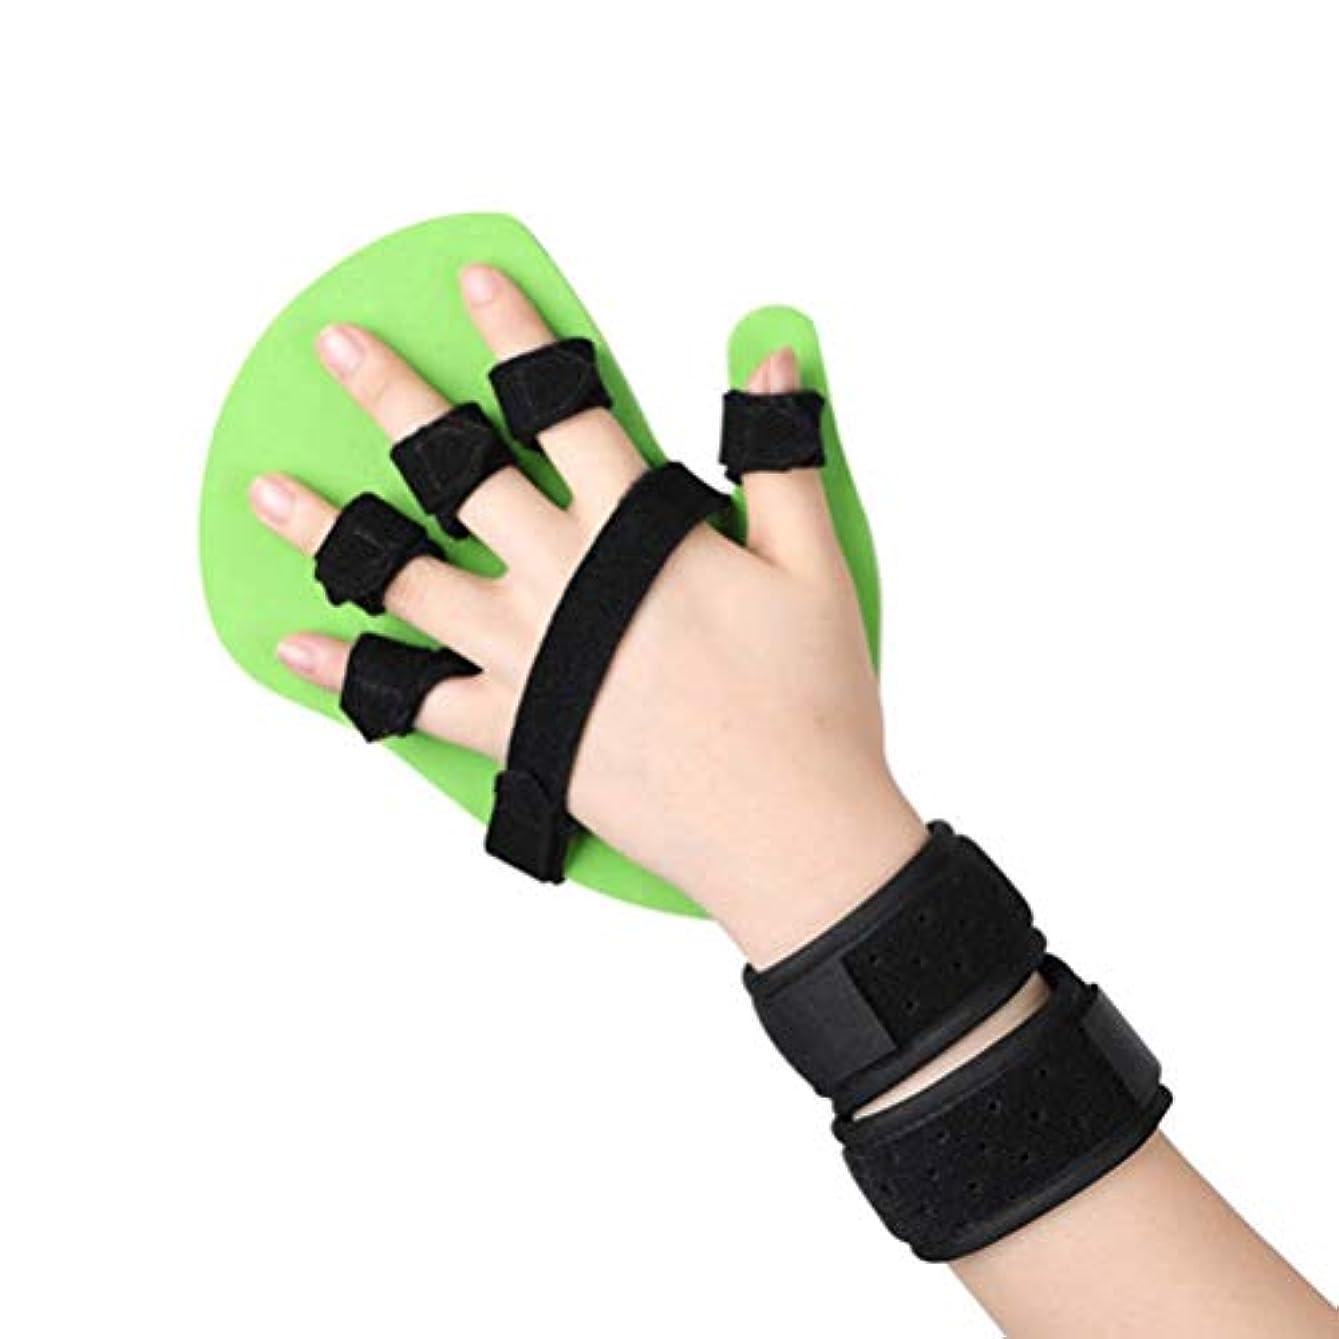 究極のシュリンクなるセパレータインソールフィンガートレーニングデバイスフィンガースプリント指、手の手首のトレーニング装具デバイスブレースサポート攣縮拡張ボードスプリント脳卒中片麻痺、左右の手指 (Color : Right, Size : L)